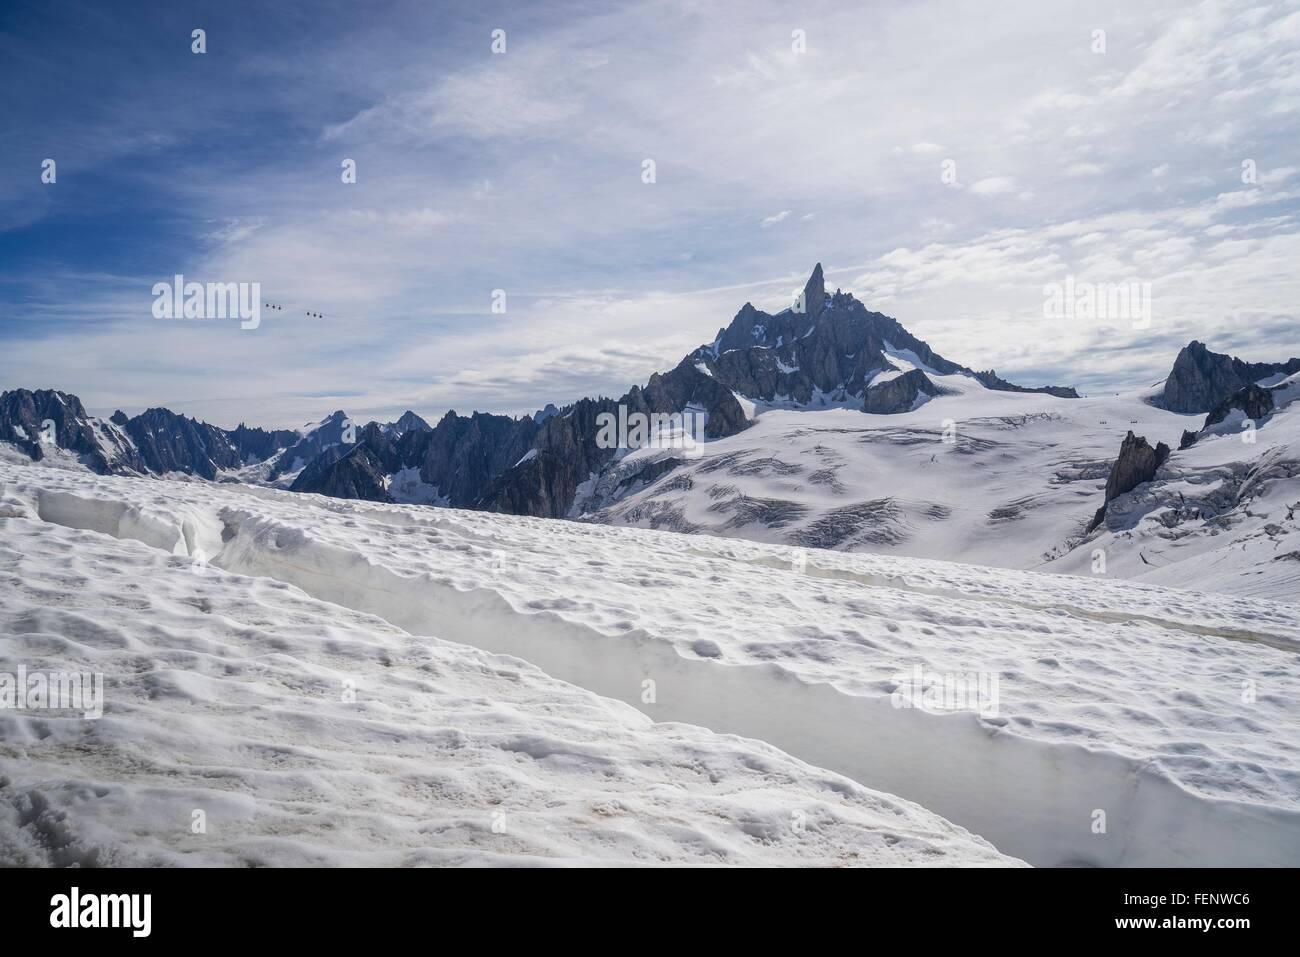 Crevasse on glacier, Mer de Glace, Mont Blanc, France - Stock Image